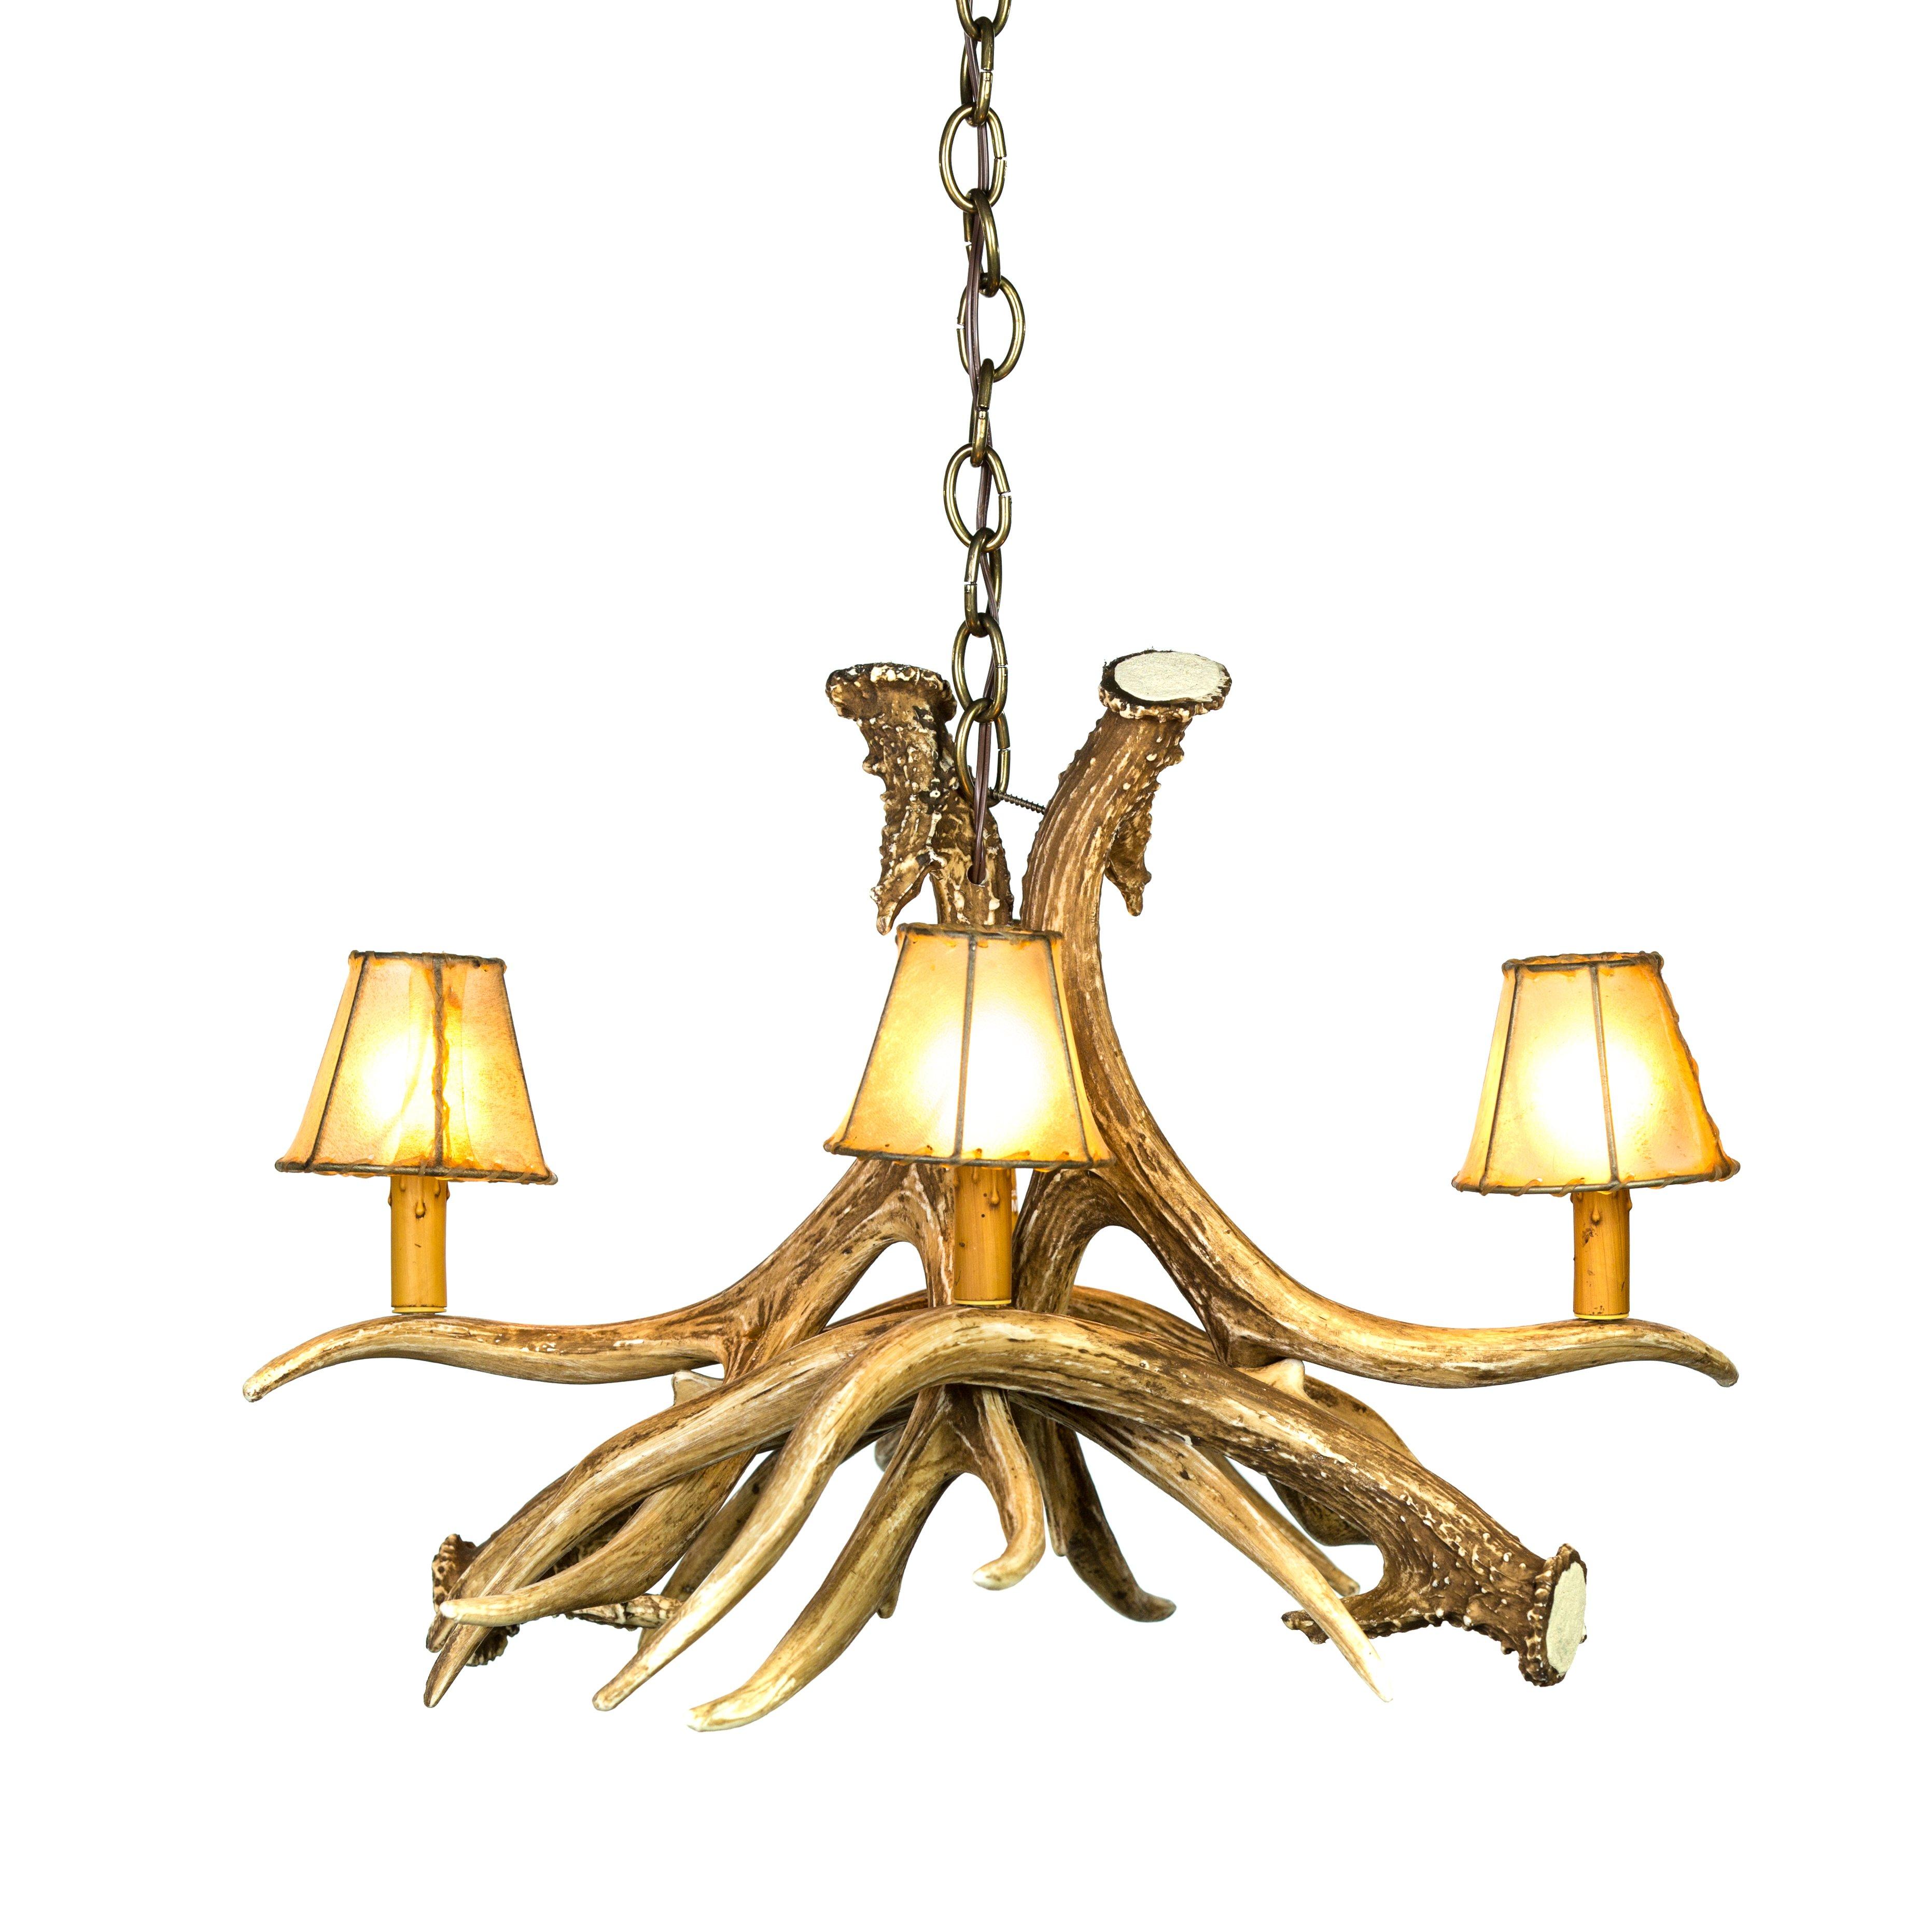 Mule deer 4 antler chandelier cast horn designs aloadofball Images